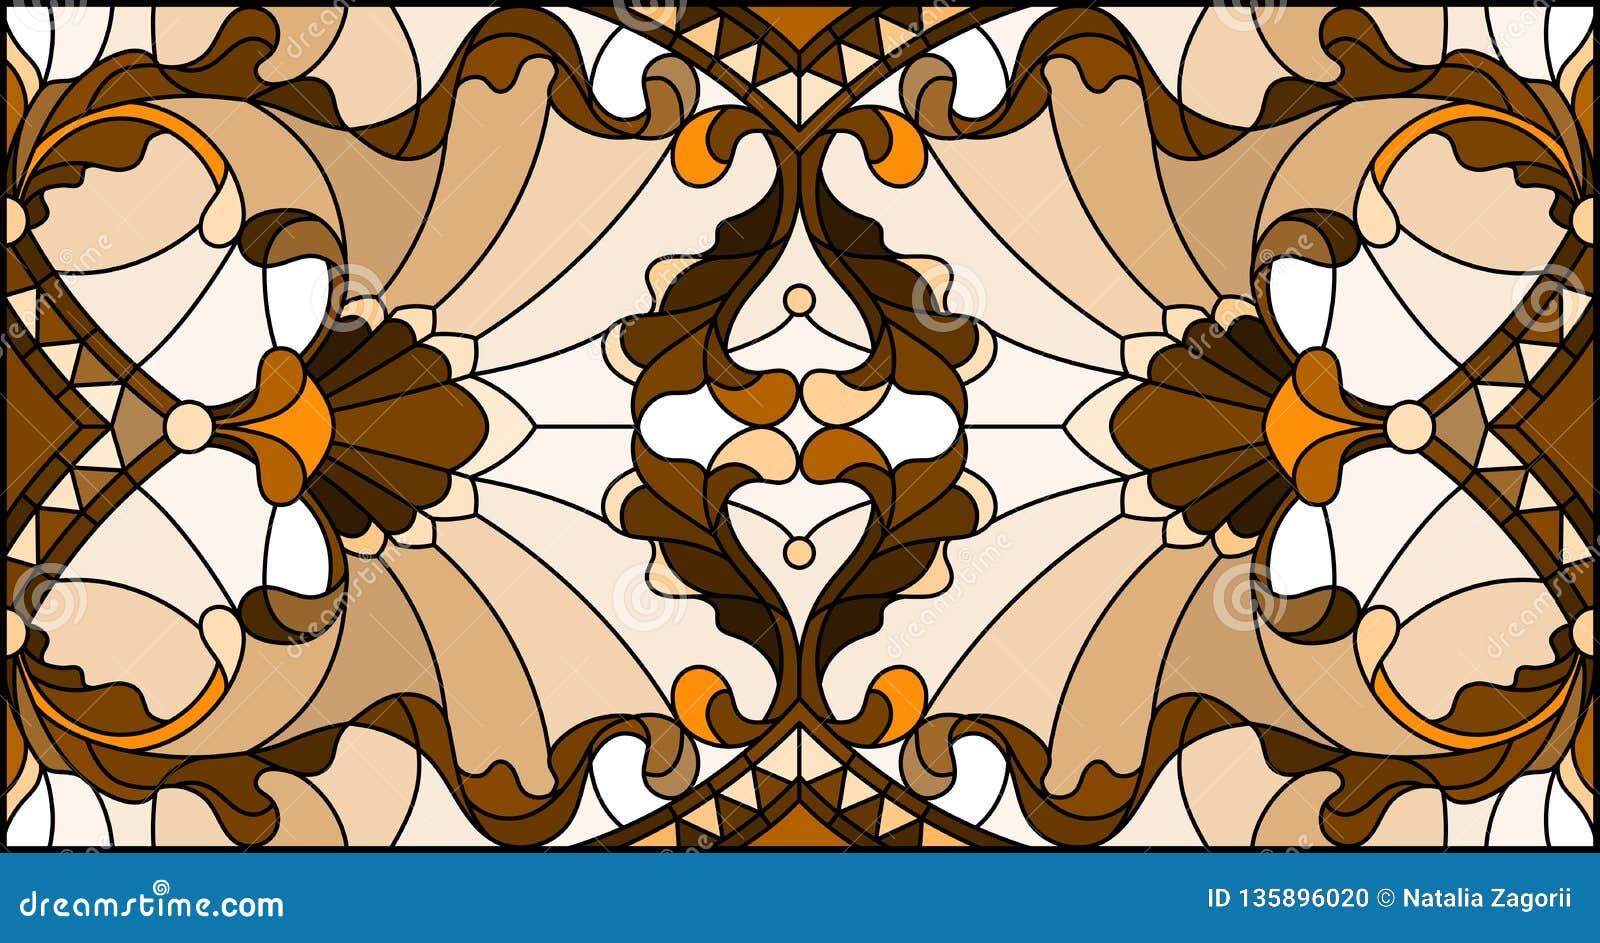 Ilustração do vitral com redemoinhos abstratos, flores e folhas em um fundo claro, orientação horizontal, sepia